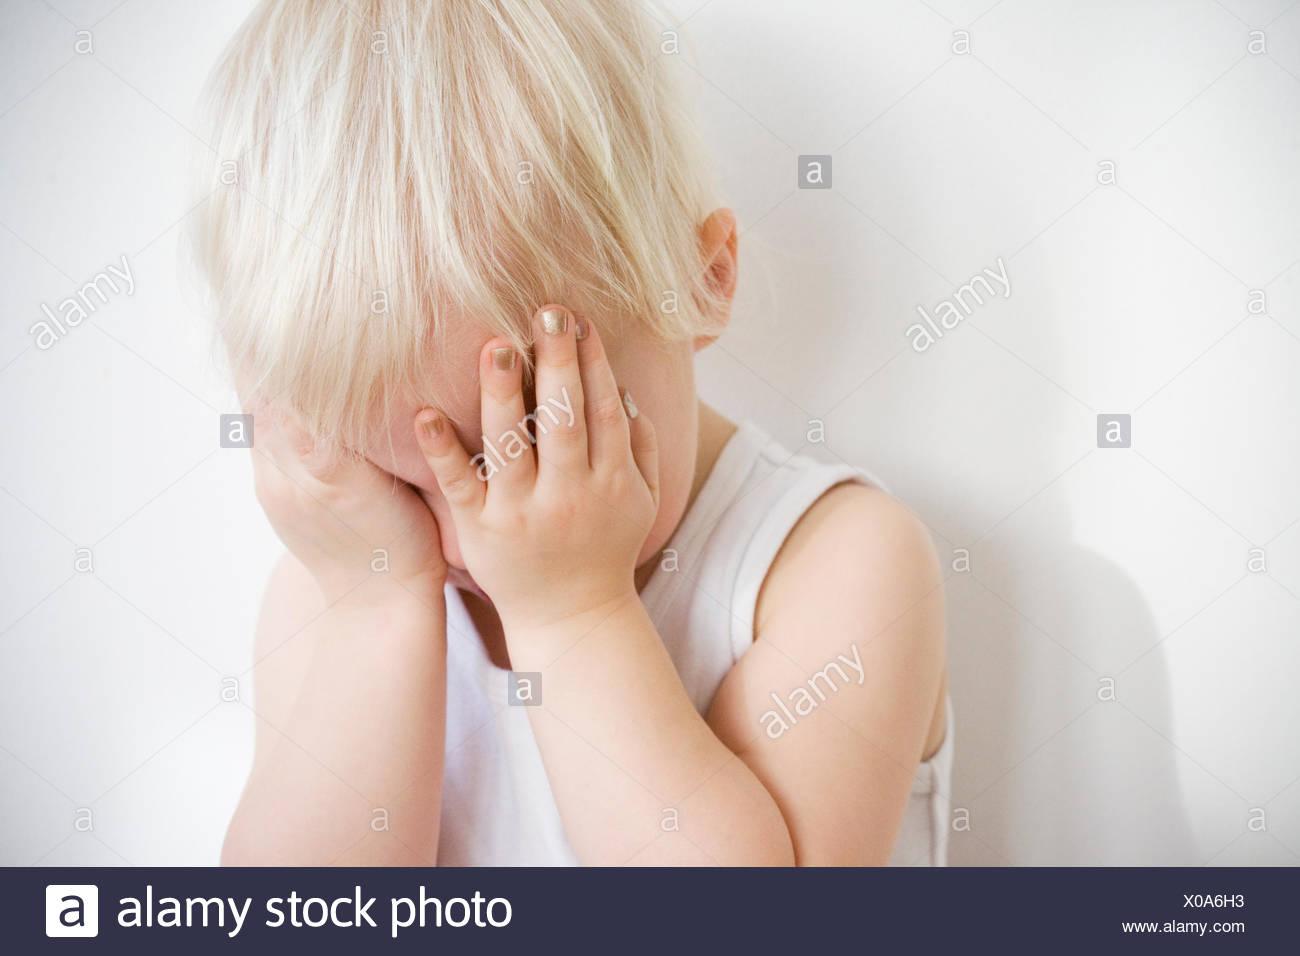 Un bambino biondo contro bianco, Svezia. Immagini Stock